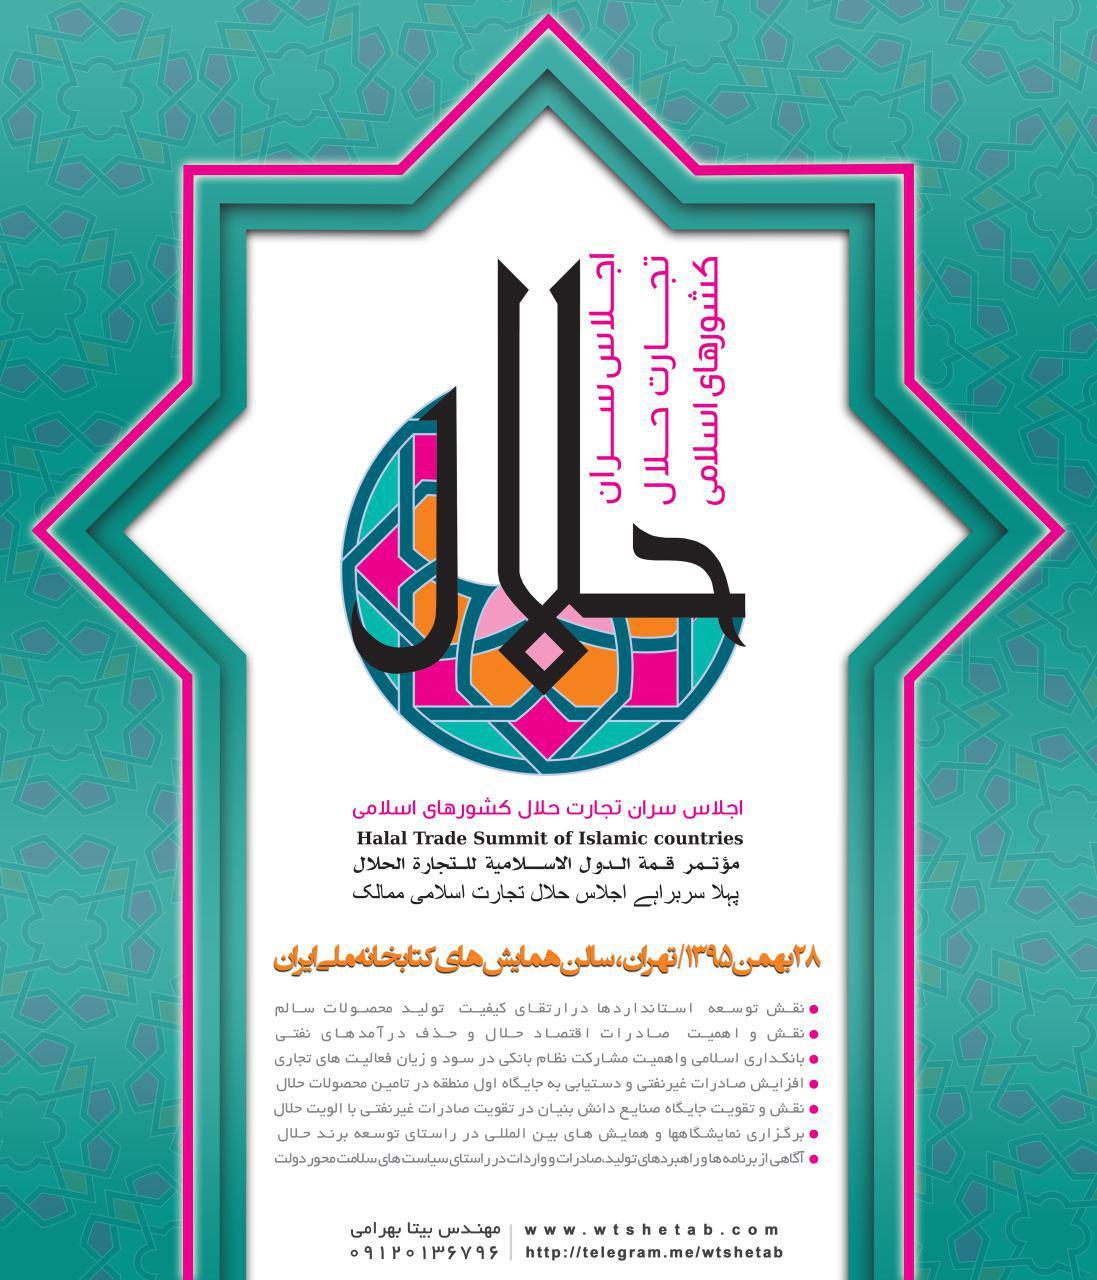 اجلاس سران تجارت حلال کشورهای اسلامی